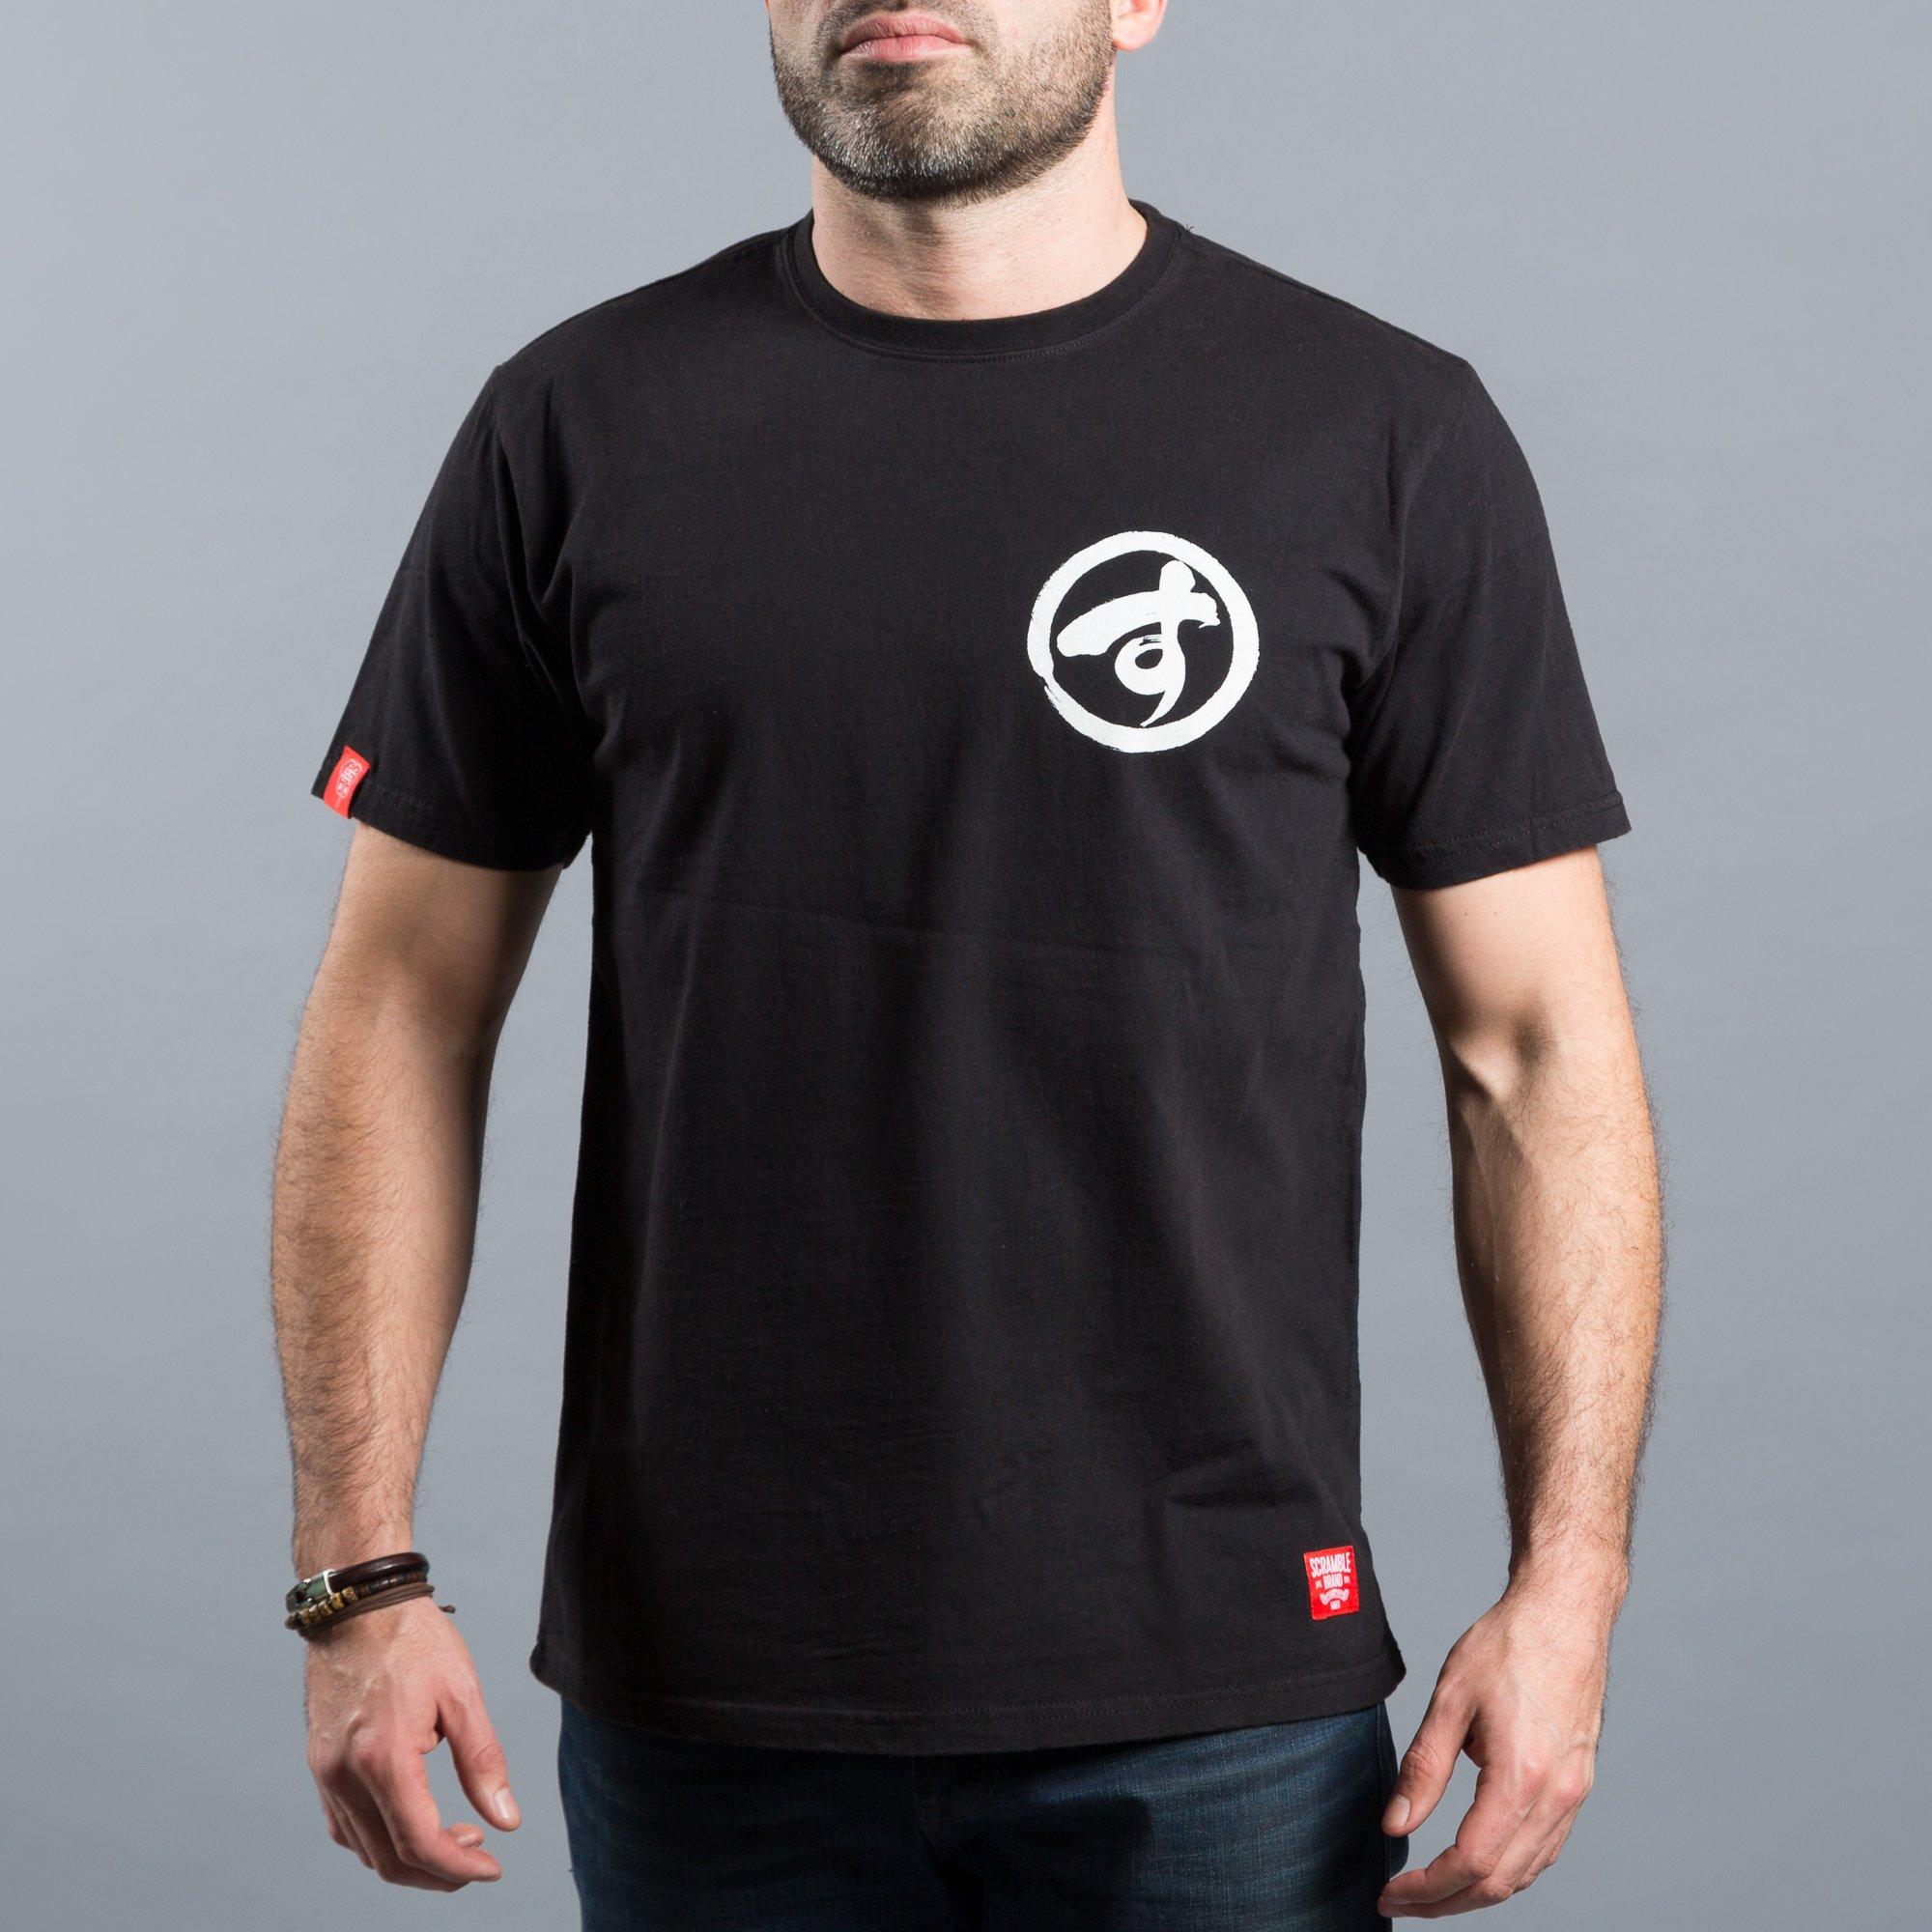 Scramble T-Shirt Brush Logo Tee Black BJJ Jiu Jitsu No Gi Grappling Casual Top